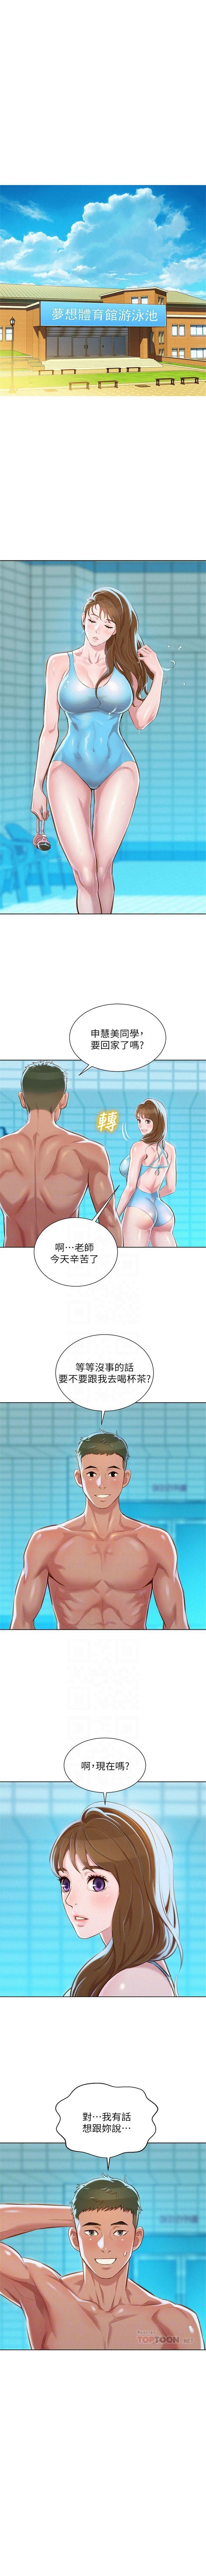 (周7)漂亮干姐姐  1-81 中文翻译 (更新中) 378